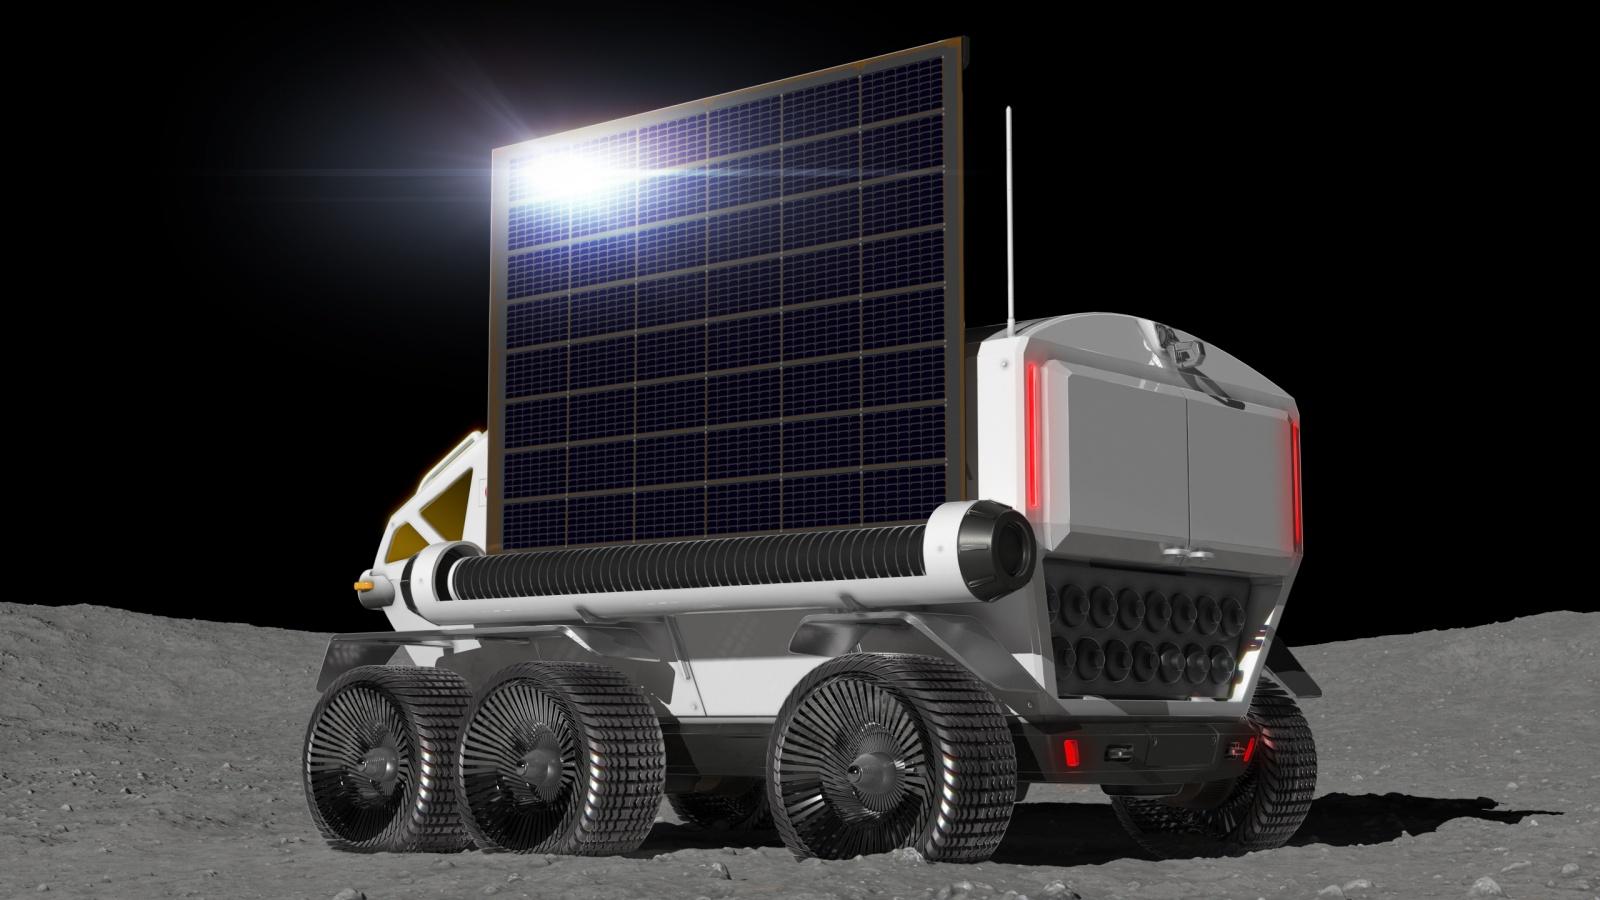 Тойота и JAXA в 2029 году планируют иметь пилотируемый ровер на Луне - 4